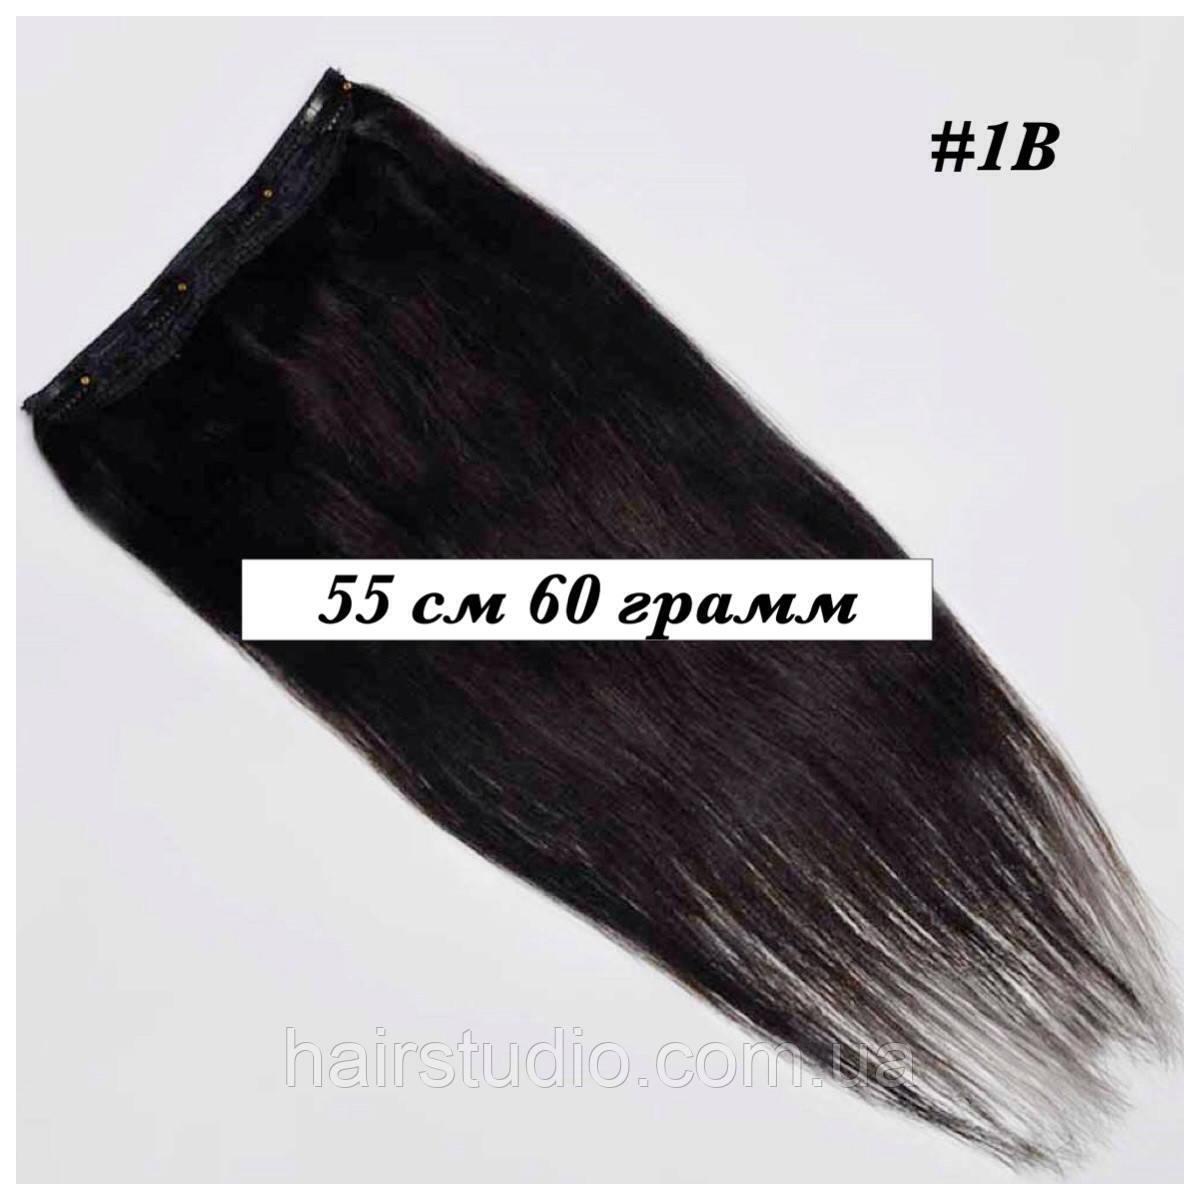 Волосы на клипсах 55 см 60 грамм